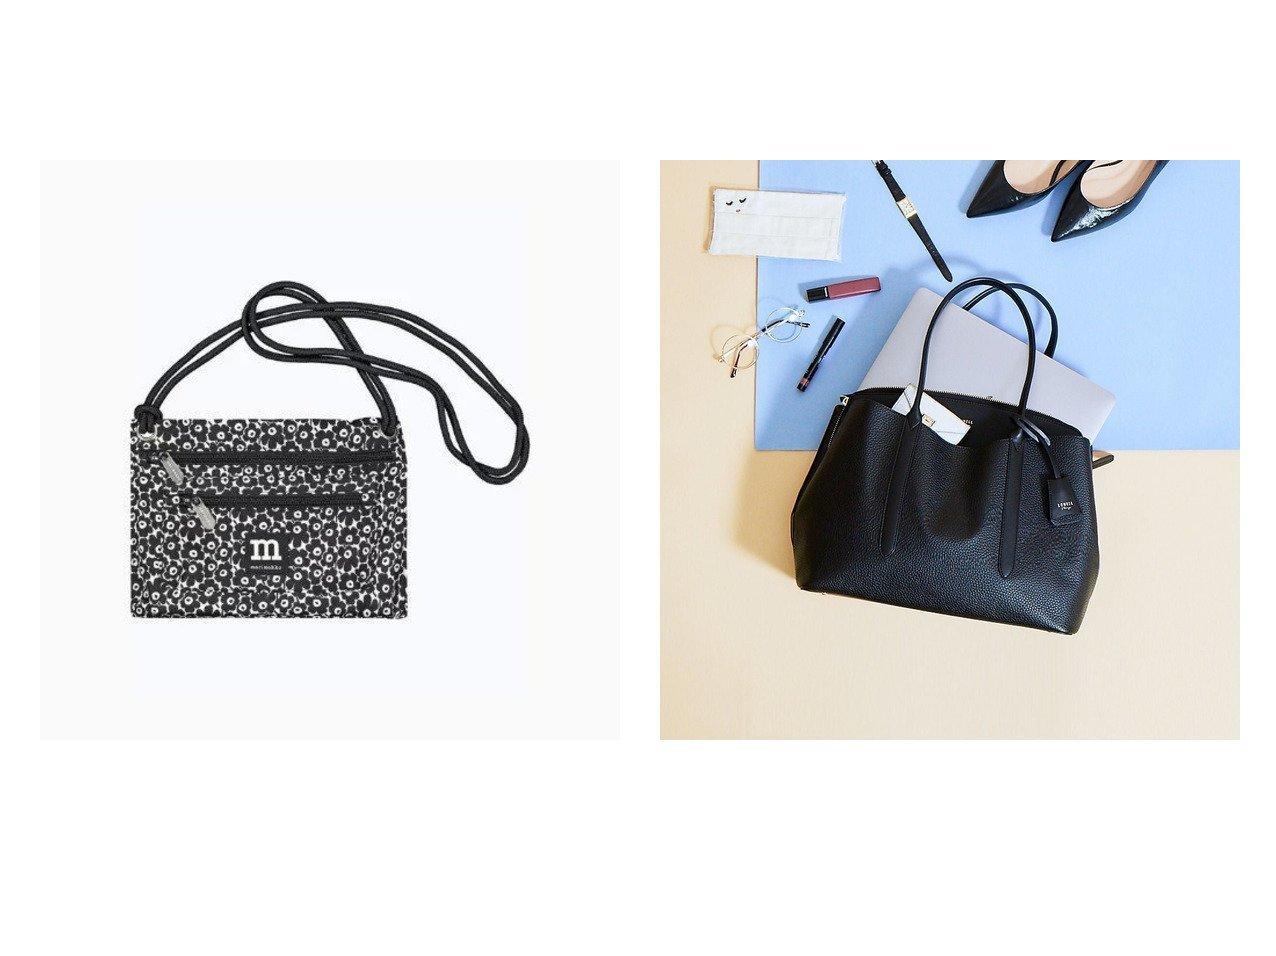 【marimekko/マリメッコ】のUnikko Smart トラベルバッグ&【interstaple/インターステイプル】の【SS新作】ラップトップトート inA4PC バッグ・鞄のおすすめ!人気、トレンド・レディースファッションの通販 おすすめで人気の流行・トレンド、ファッションの通販商品 メンズファッション・キッズファッション・インテリア・家具・レディースファッション・服の通販 founy(ファニー) https://founy.com/ ファッション Fashion レディースファッション WOMEN バッグ Bag スタイリッシュ トラベル フロント モチーフ モノトーン 春 Spring コンビ 軽量 ジャケット スタンダード スリム ポケット ロング ワーク 2021年 2021 S/S 春夏 SS Spring/Summer 2021 春夏 S/S SS Spring/Summer 2021 |ID:crp329100000015354